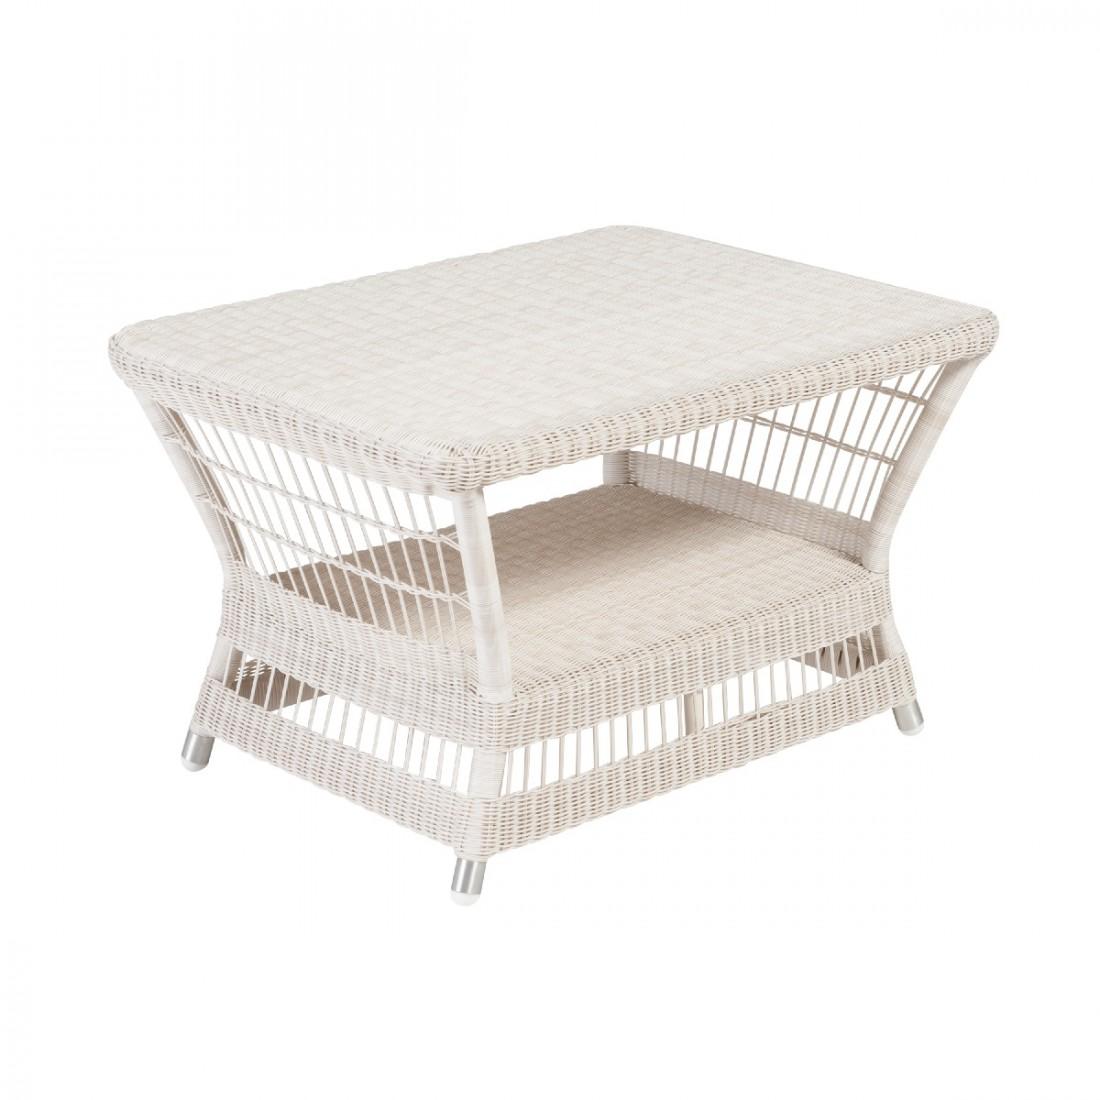 Table basse rectangulaire de jardin en résine Biarritz sans verre